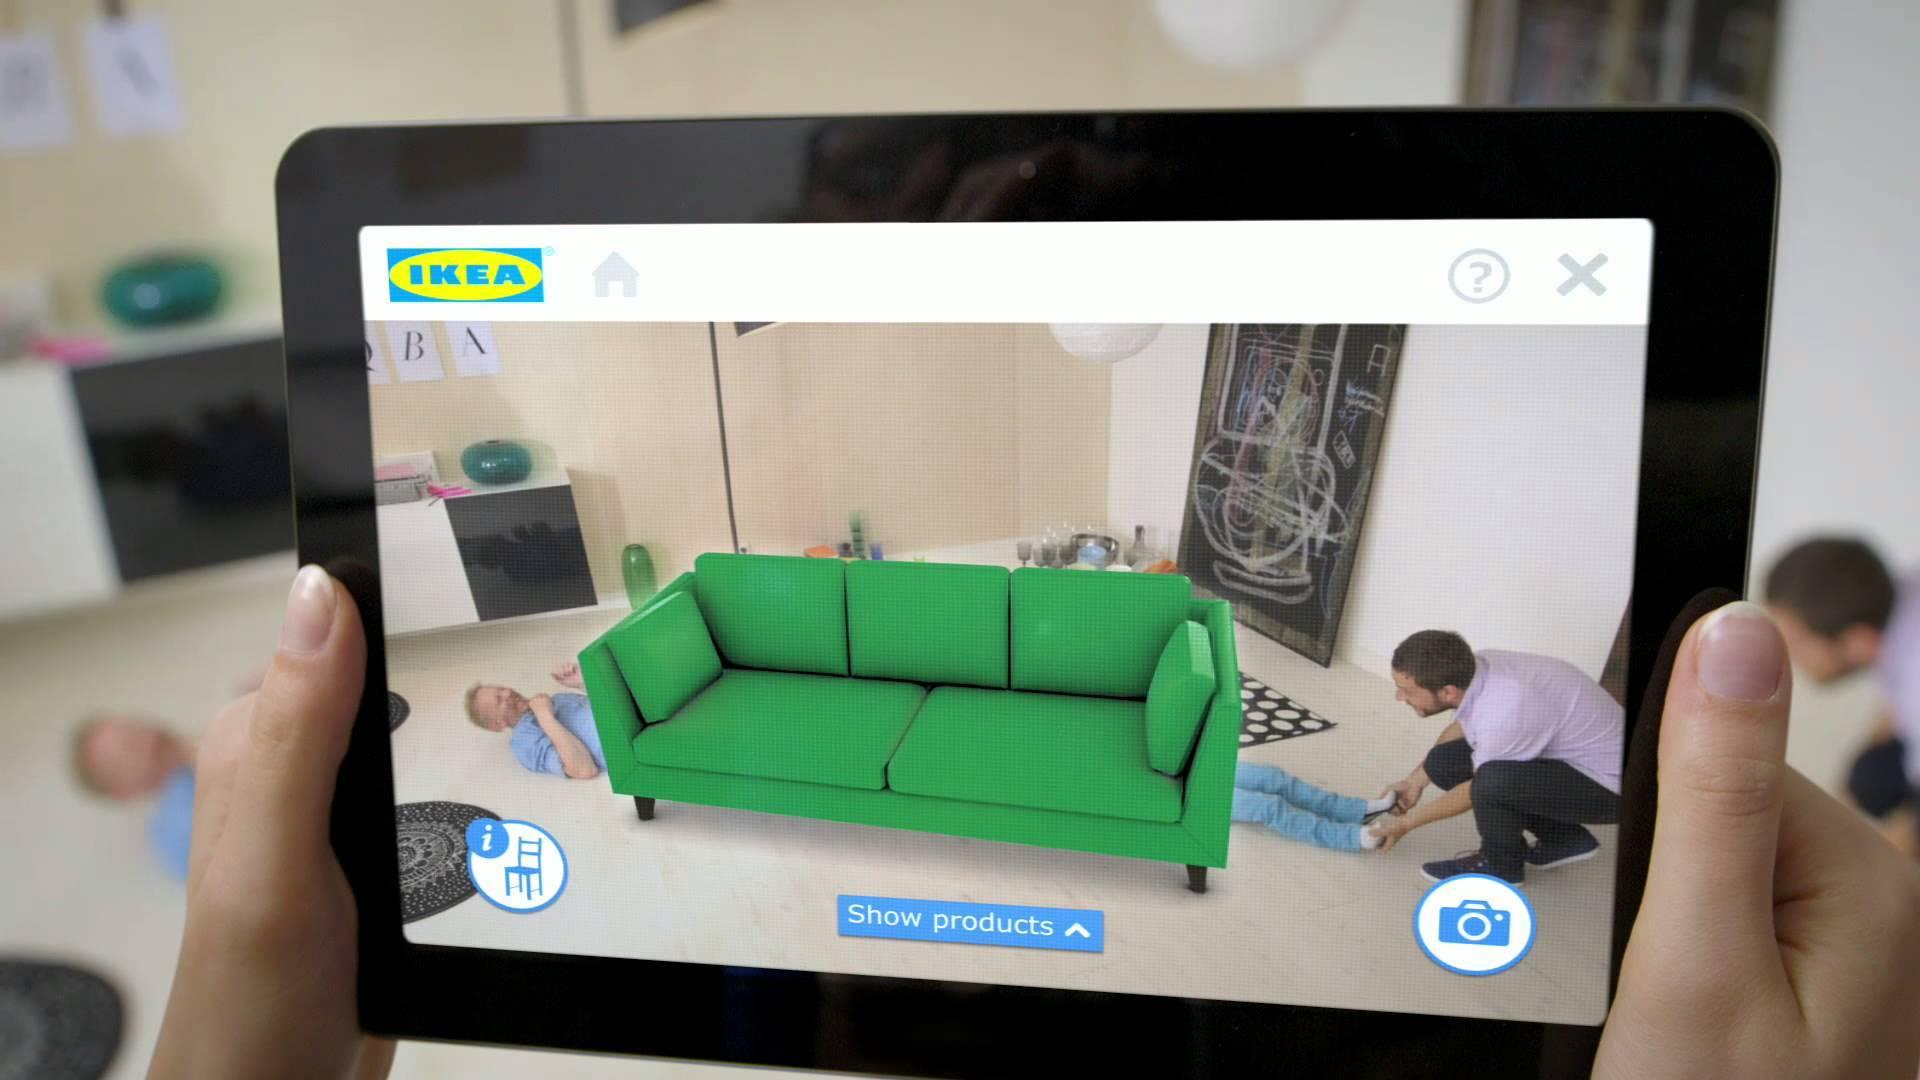 IkeaAppCatalogue.jpg#asset:971